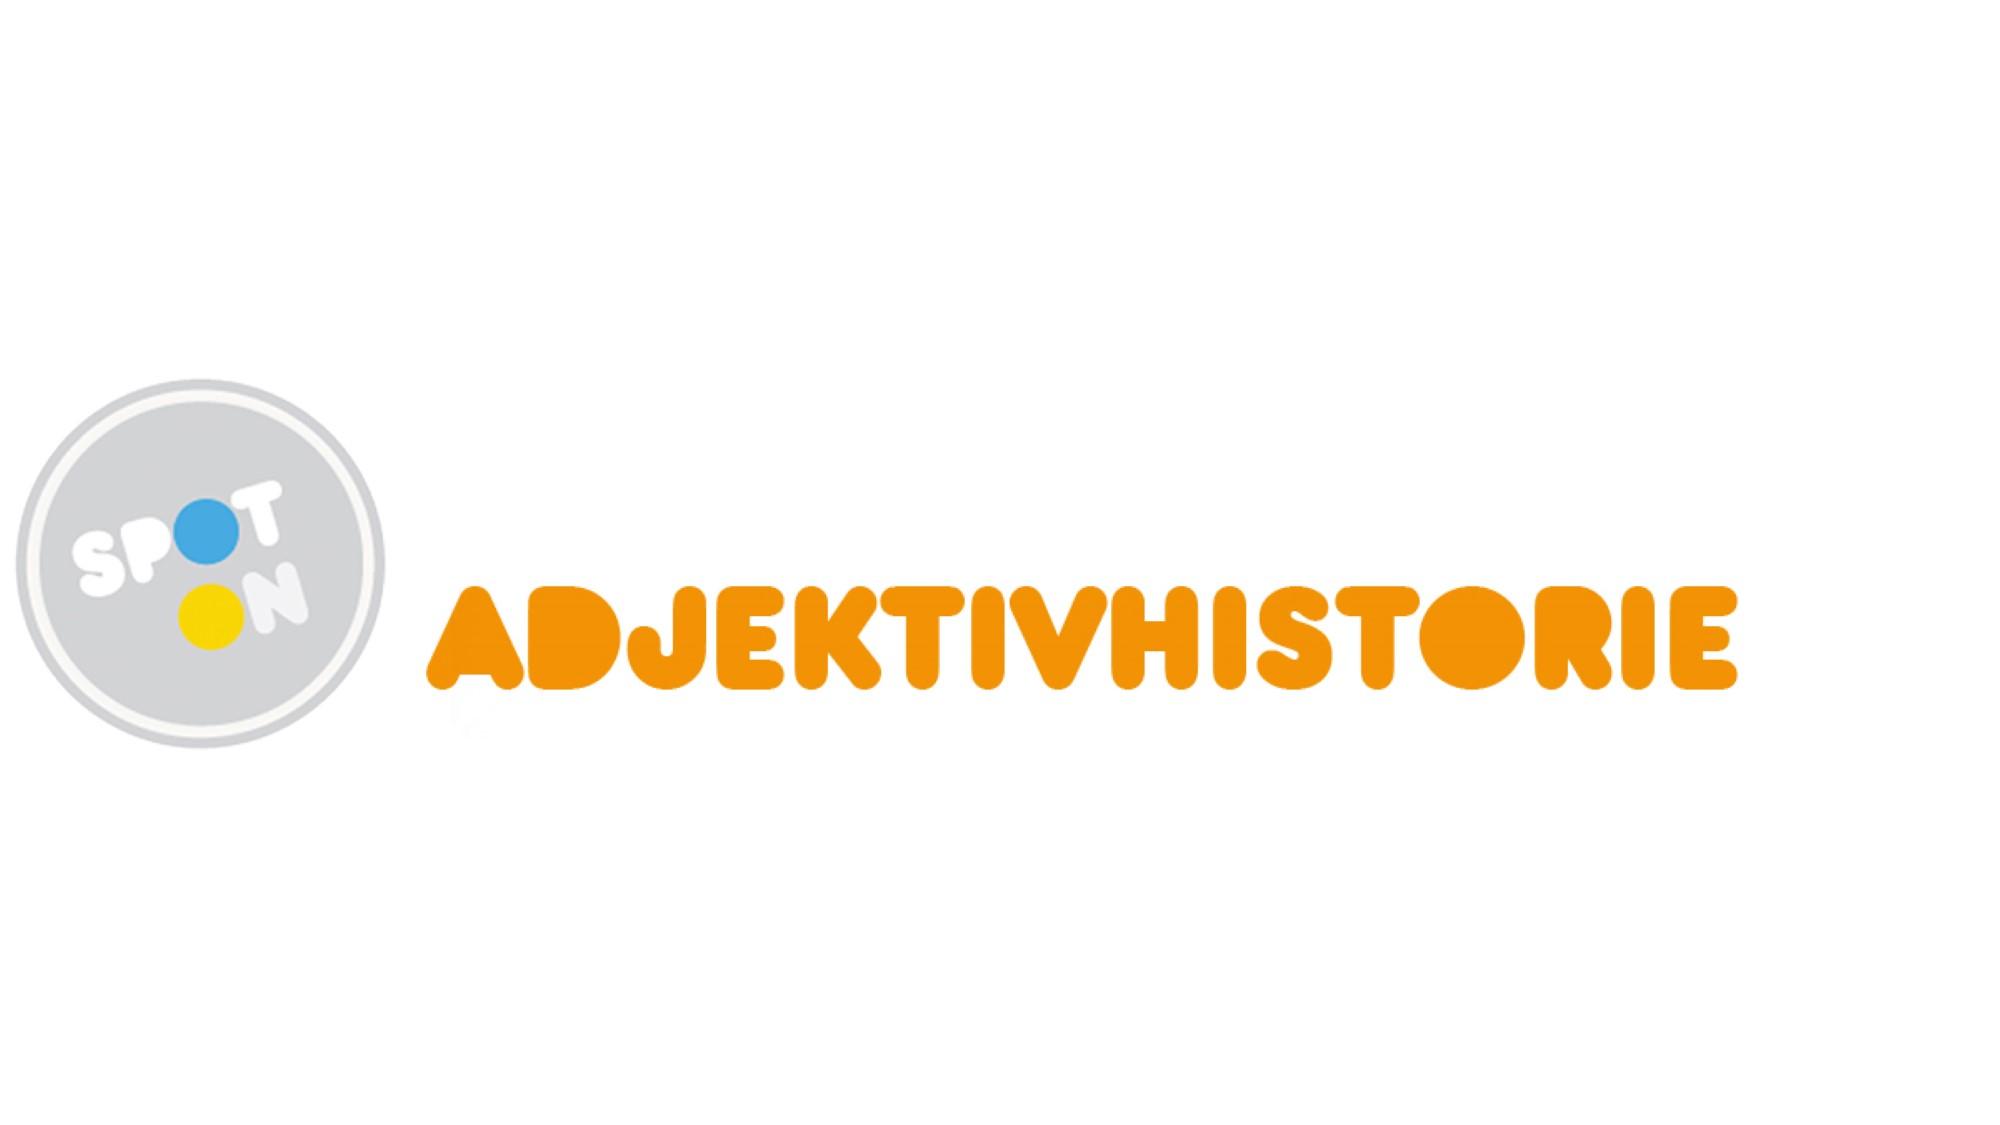 adjektivhistorie fyll inn